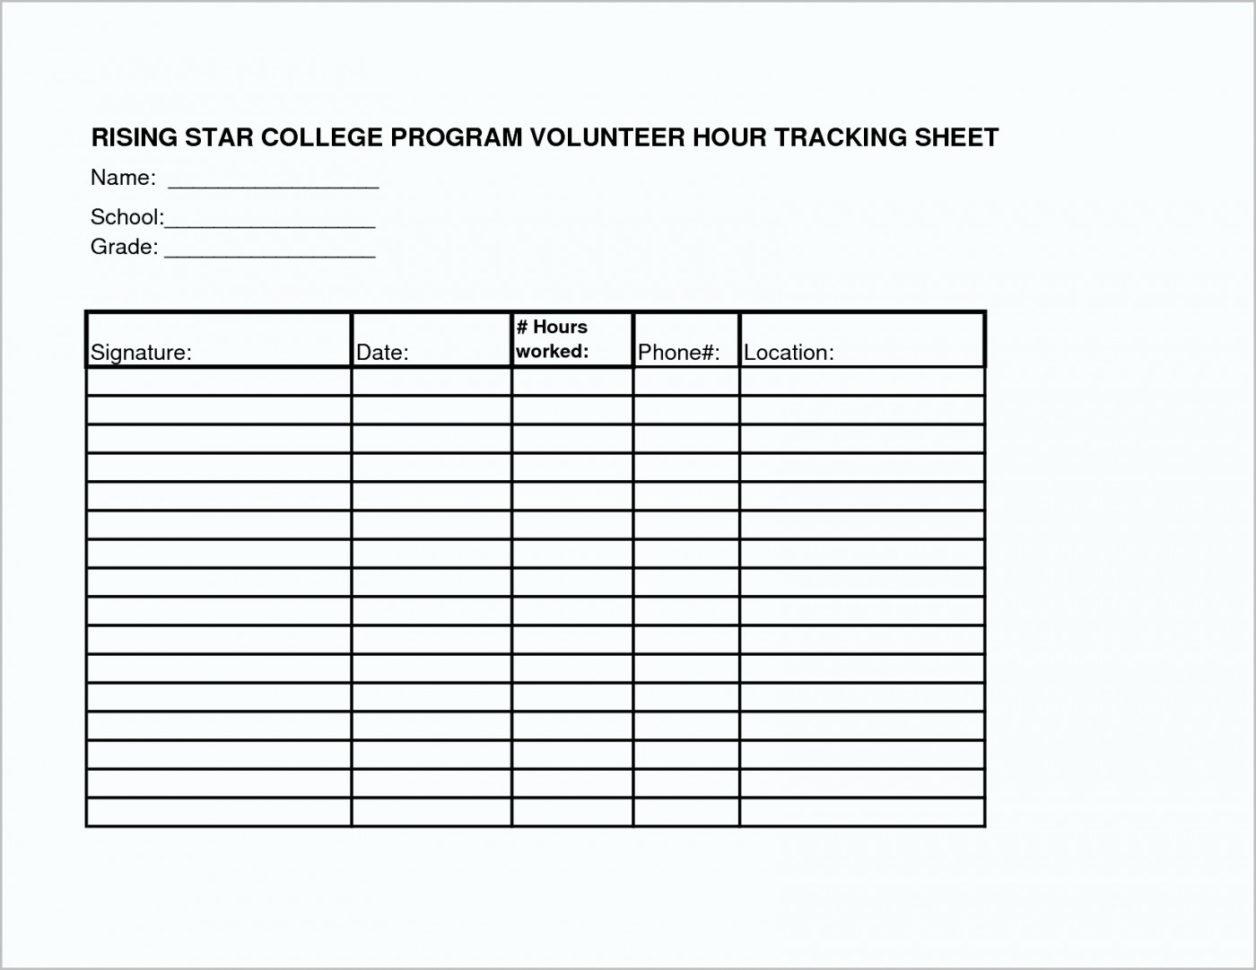 Hour Tracker Spreadsheet Intended For 004 Volunteer Hours Log Template Sheet 579603 ~ Ulyssesroom